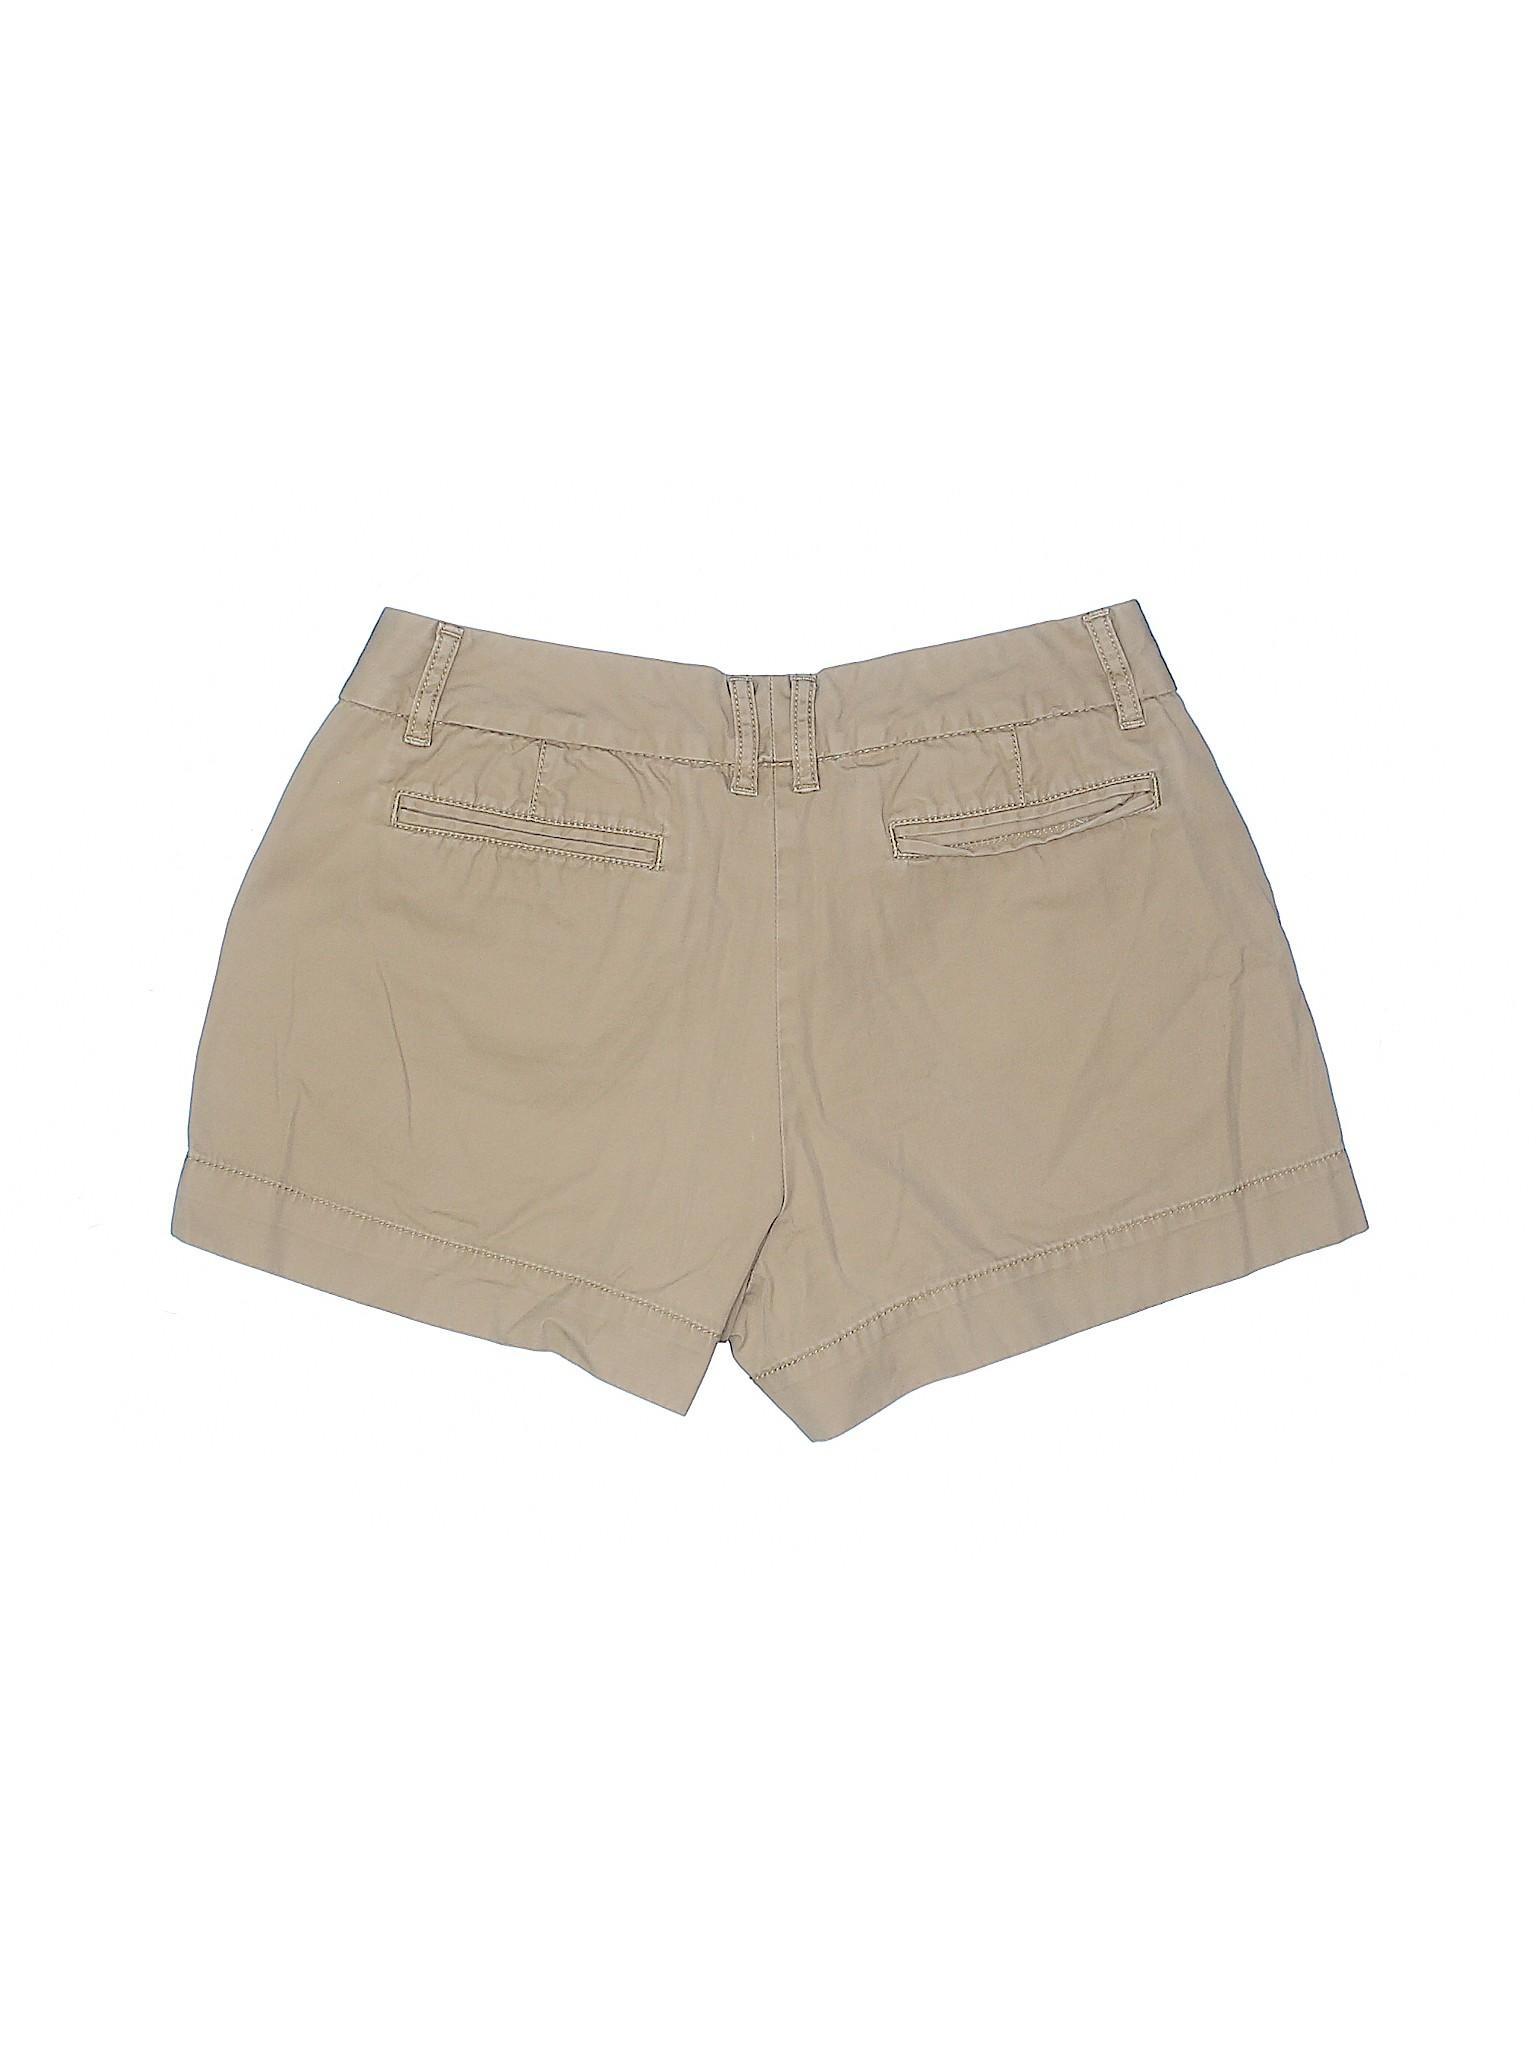 Boutique Khaki Lands' Lands' Boutique Shorts End End Khaki rwxrqInYR6